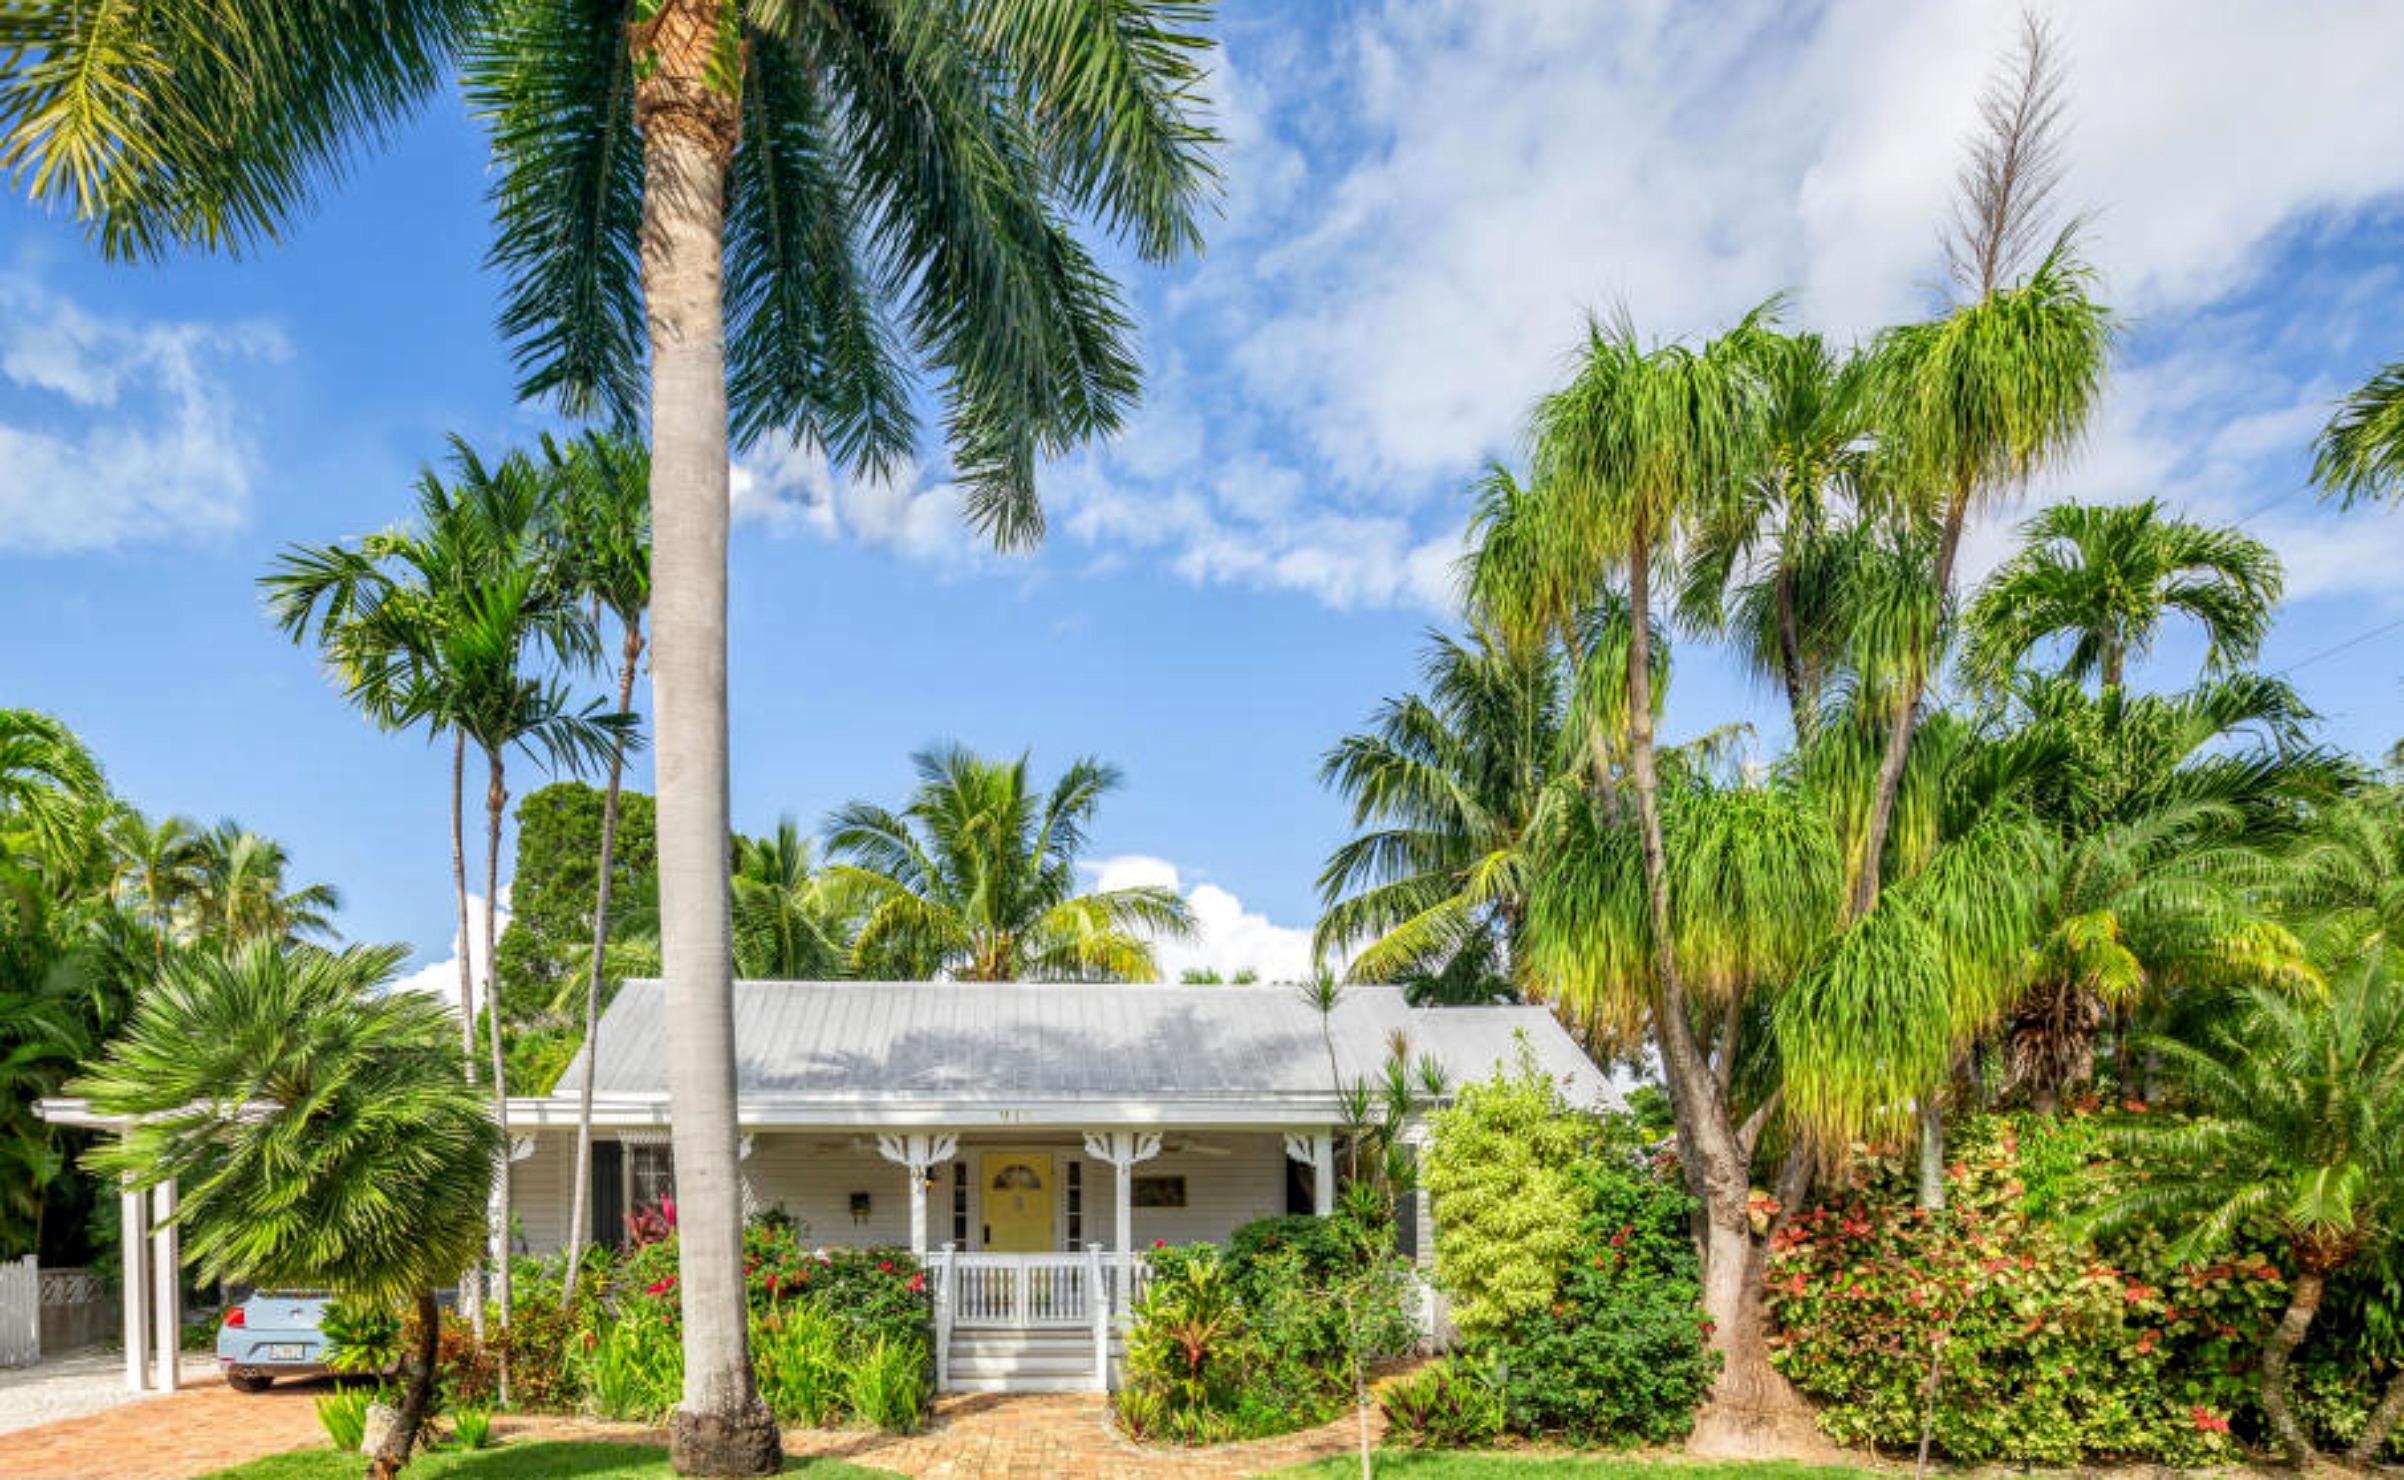 915 Washington St, Key West_Front of House